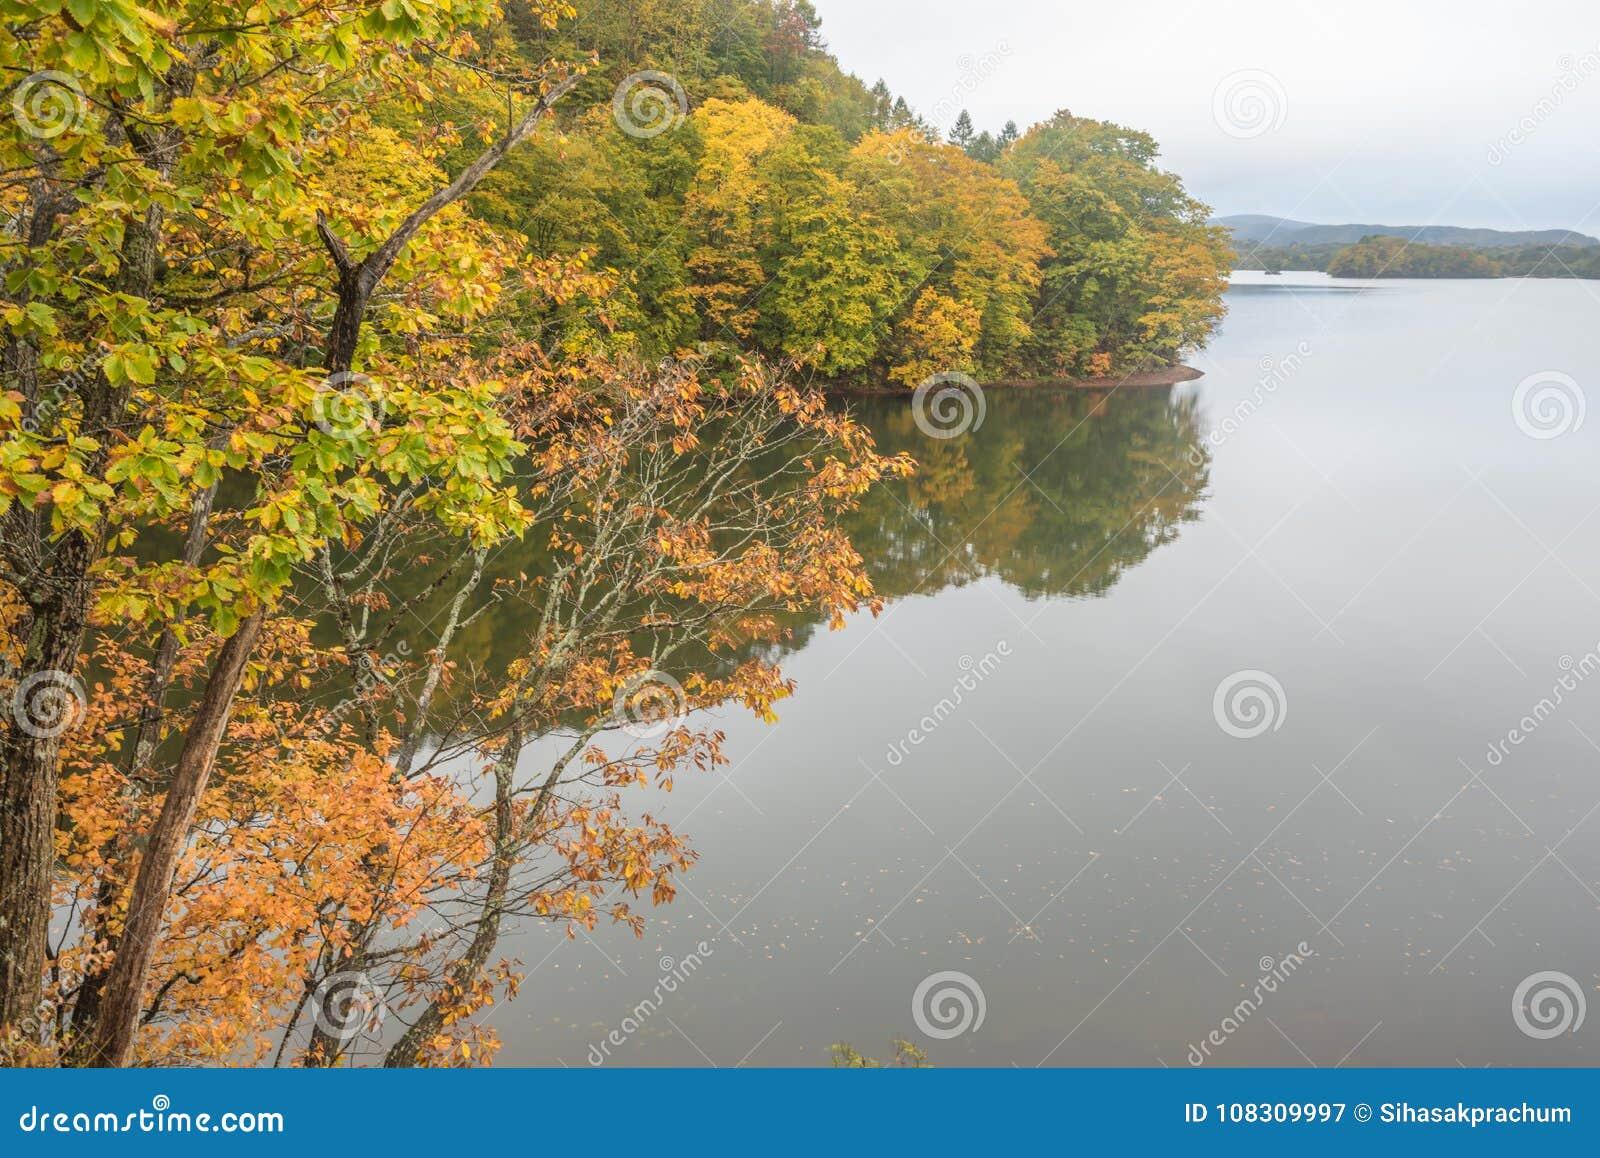 Lago nature in autunno